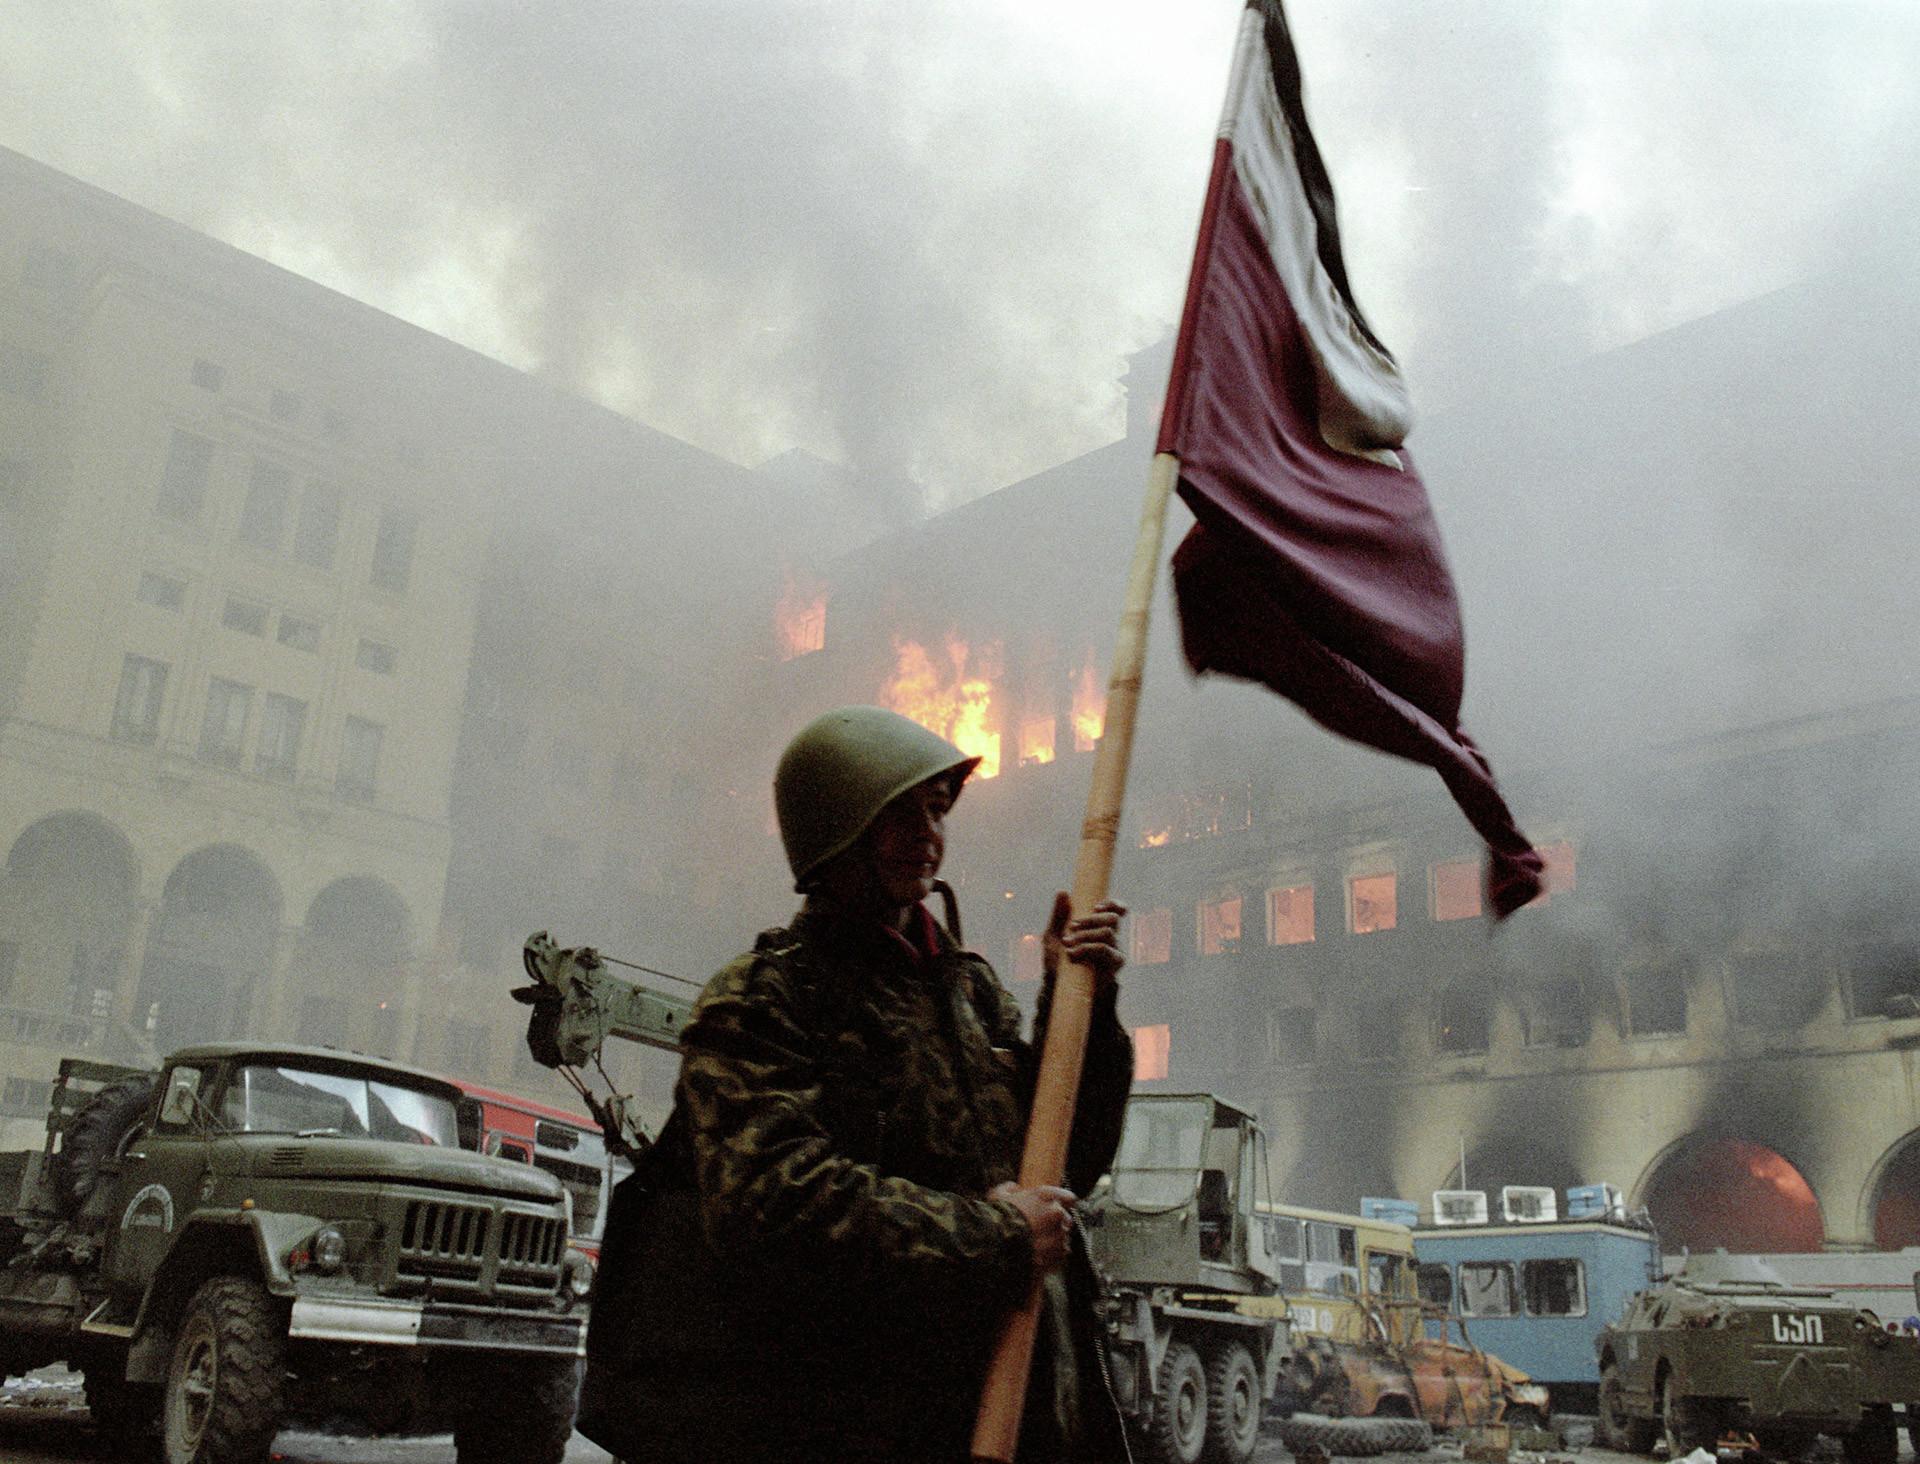 Солдат держит знамя во дворе Дома правительства наутро после свержения режима Звиада Гамсахурдиа.